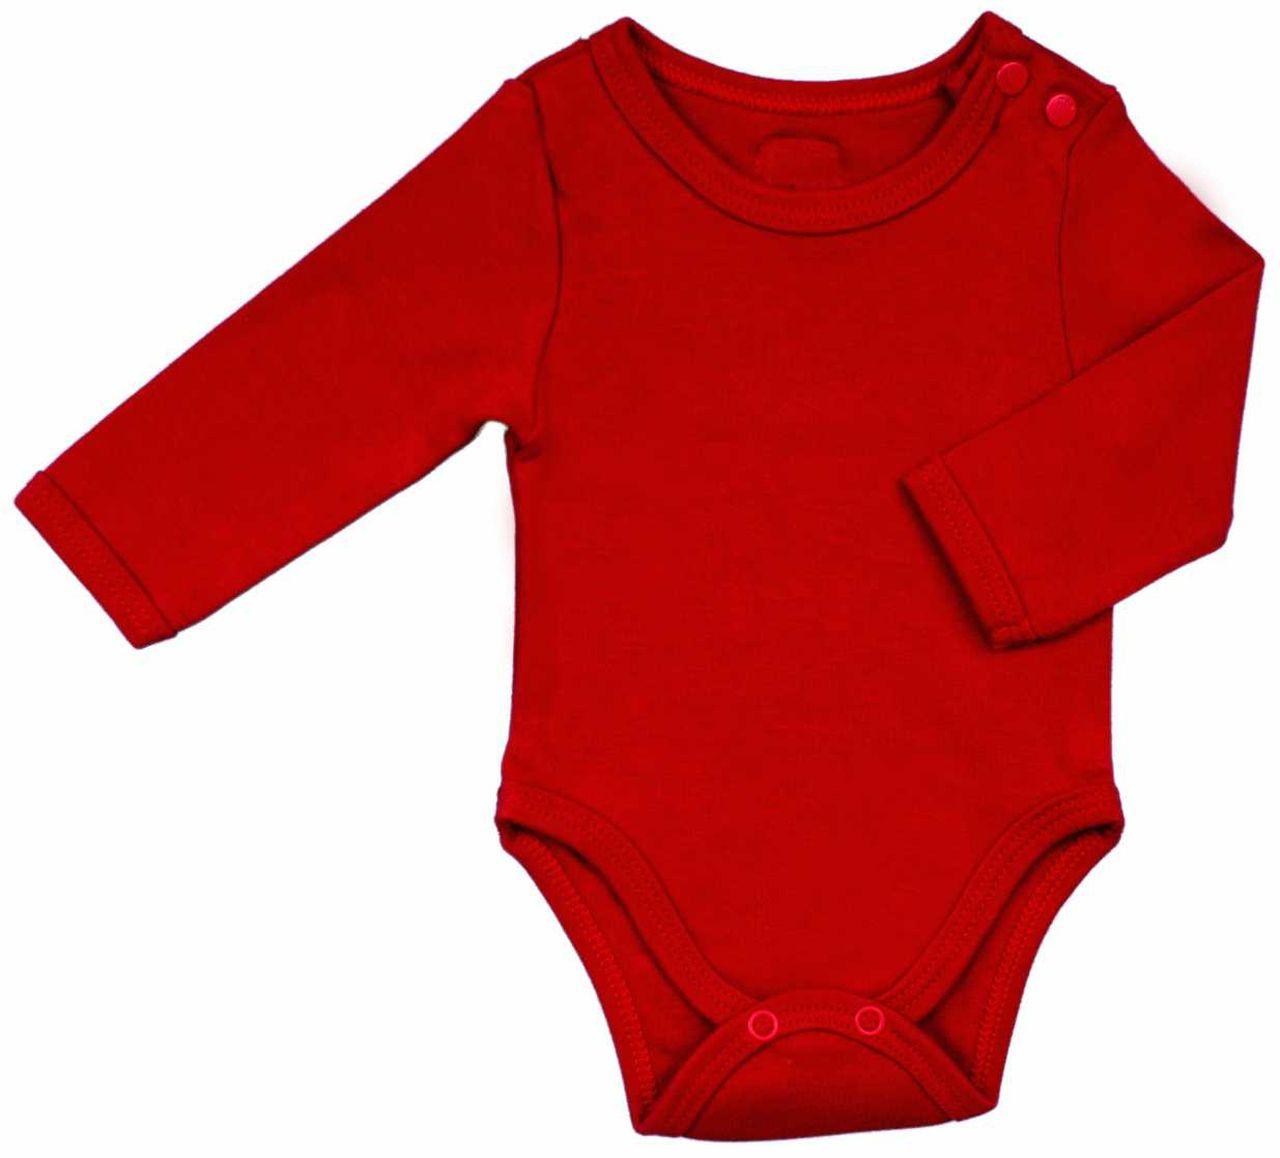 BODY INFANTIL BÁSICO LISO MANGA LONGA BOTÃO NO OMBRO 100% ALGODÃO EGÍPCIO